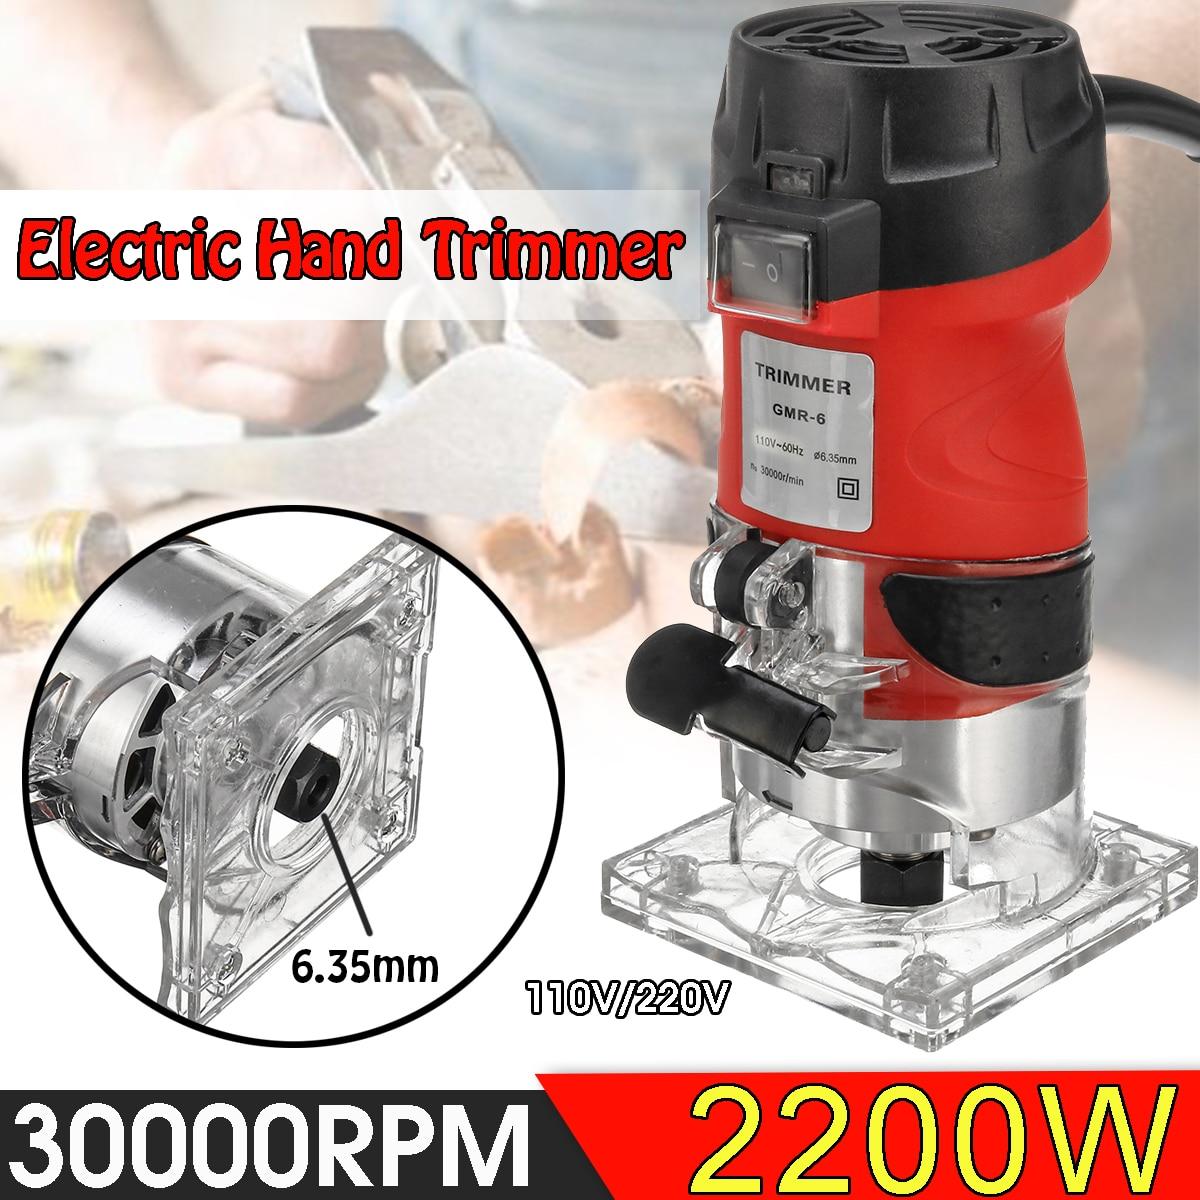 2200W elektryczna ręczna przycinarka 220V/110V drewna Laminator Router 6.35mm przycinanie rzeźba frezarka elektronarzędzia do obróbki drewna